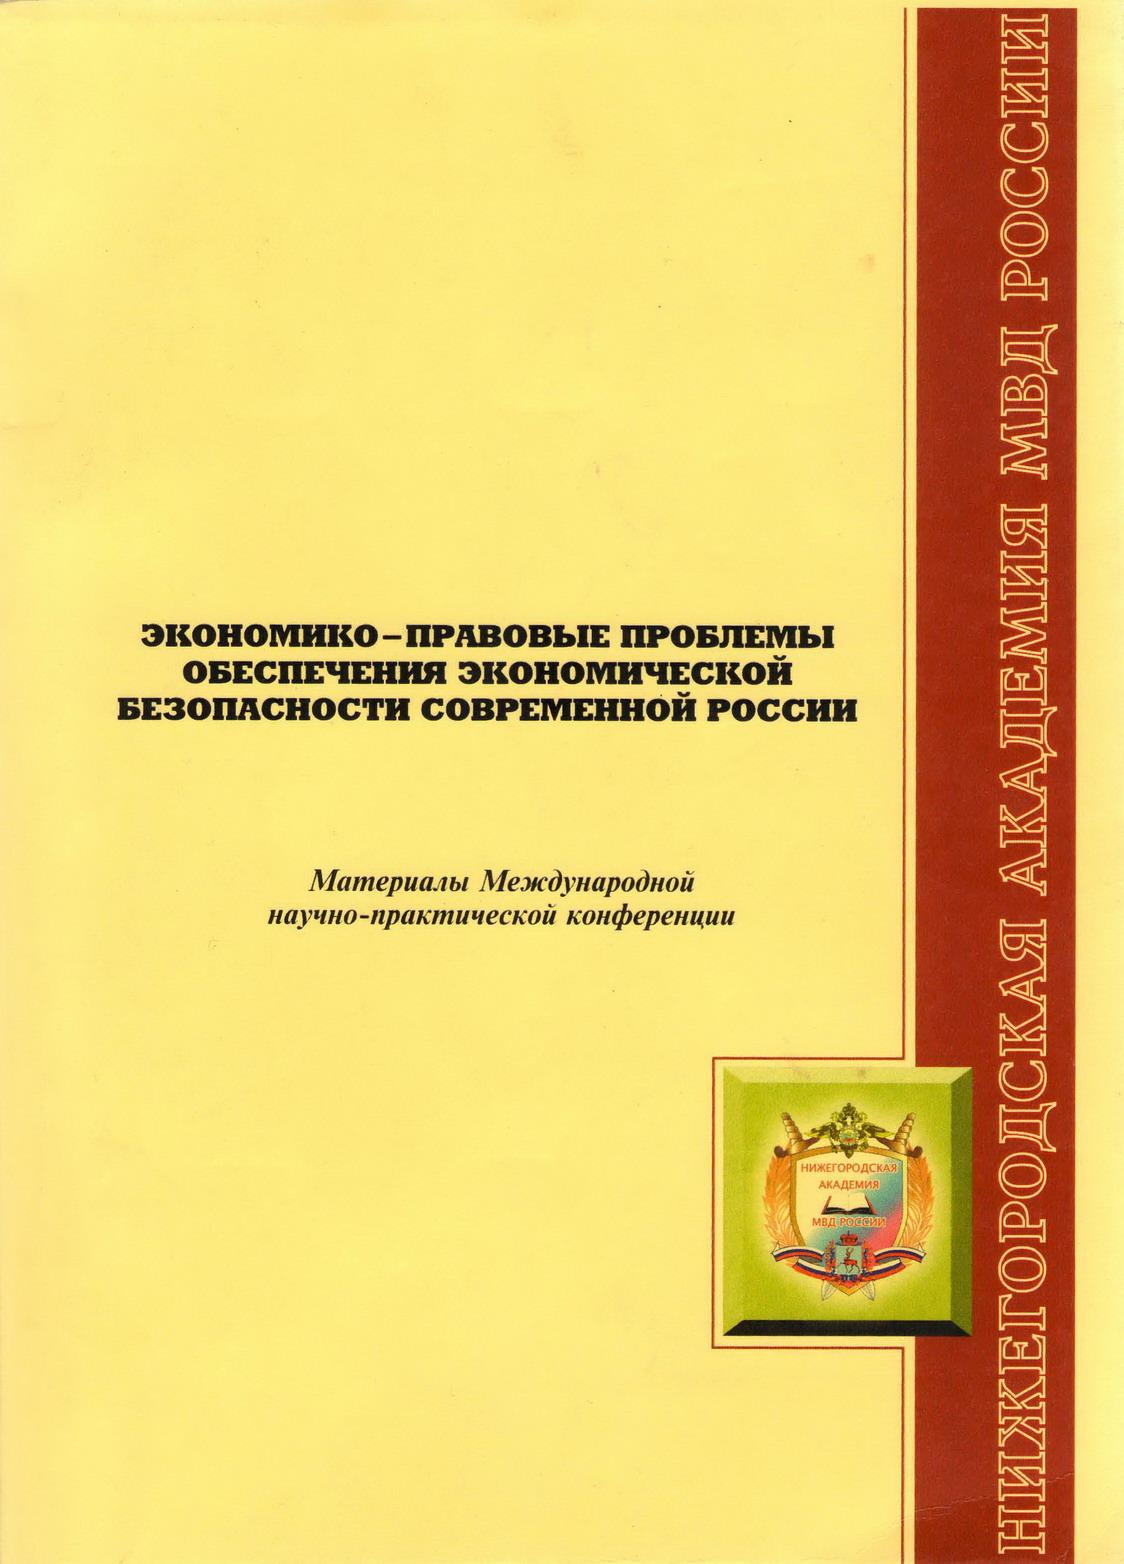 Роль таможенного регулирования в обеспечении экономической безопасности России